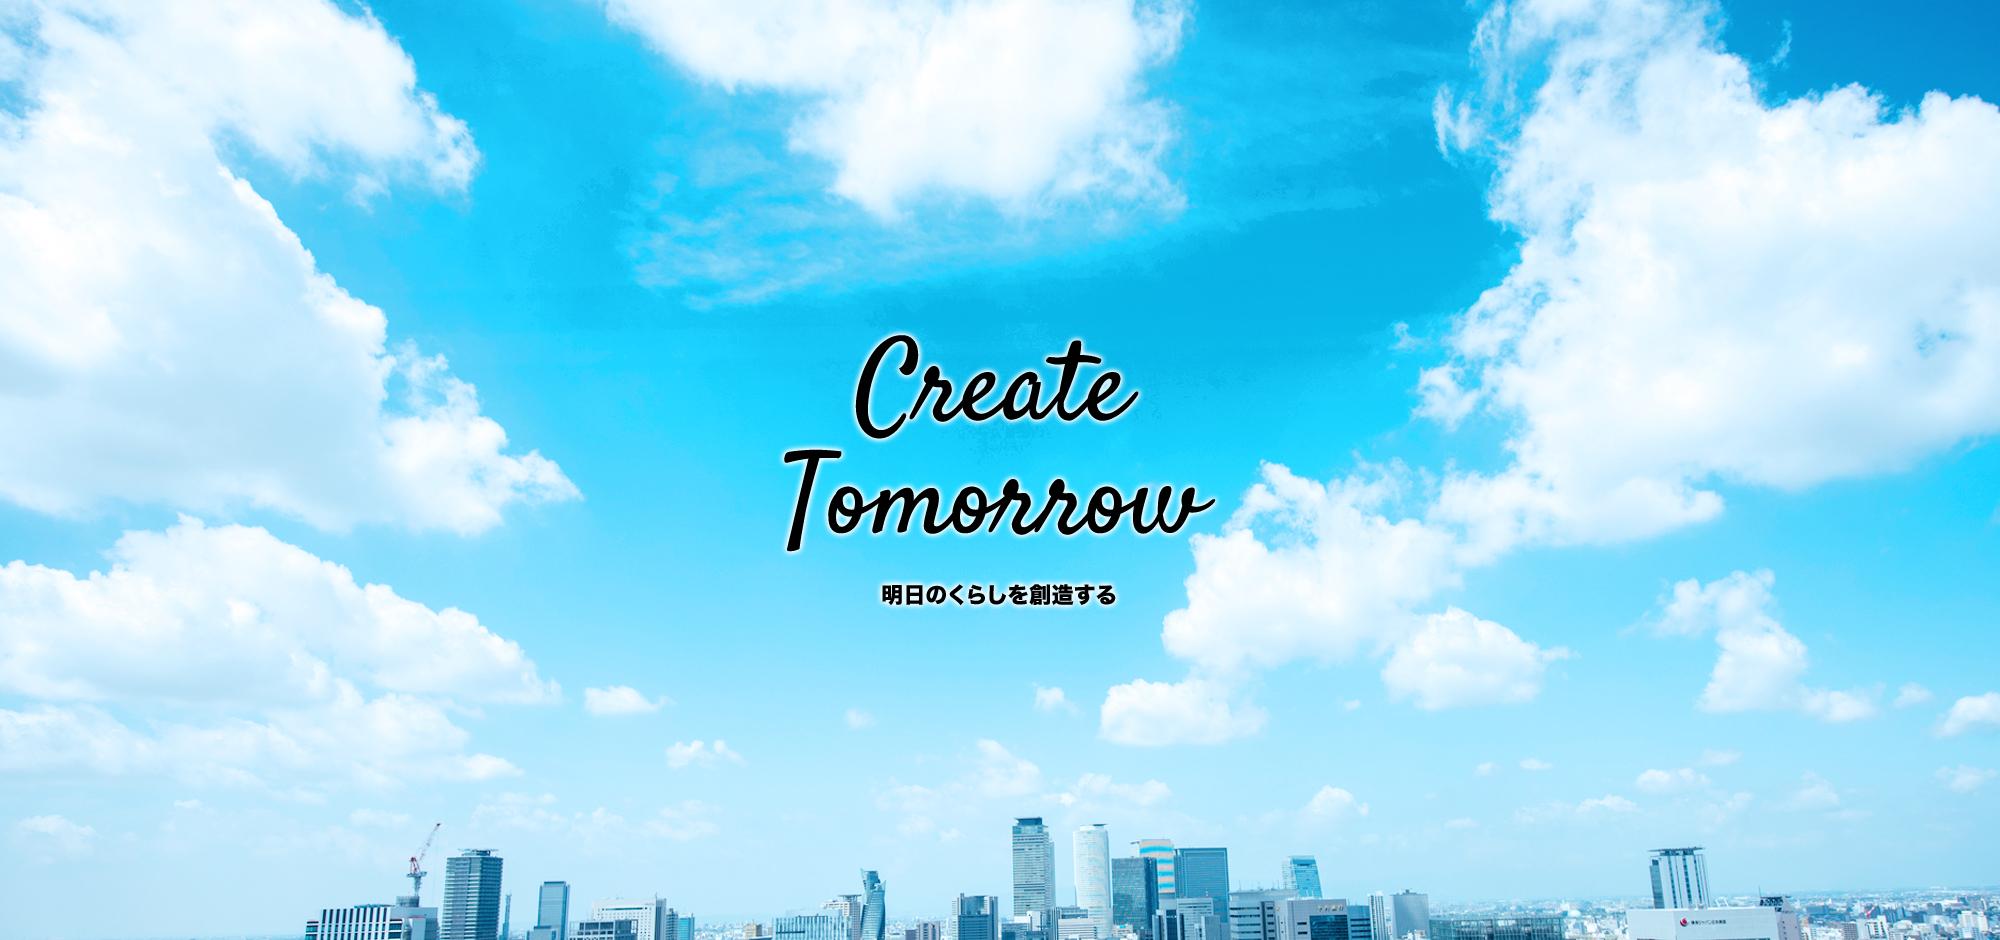 Create Tomorrow 明日の暮らしを創造する